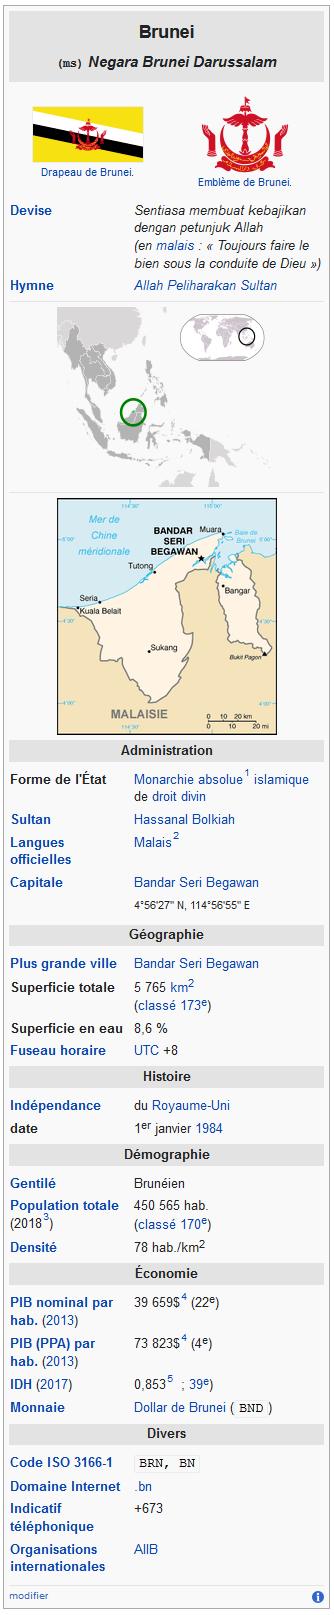 Screenshot_2020-05-12 Brunei — Wikipédia